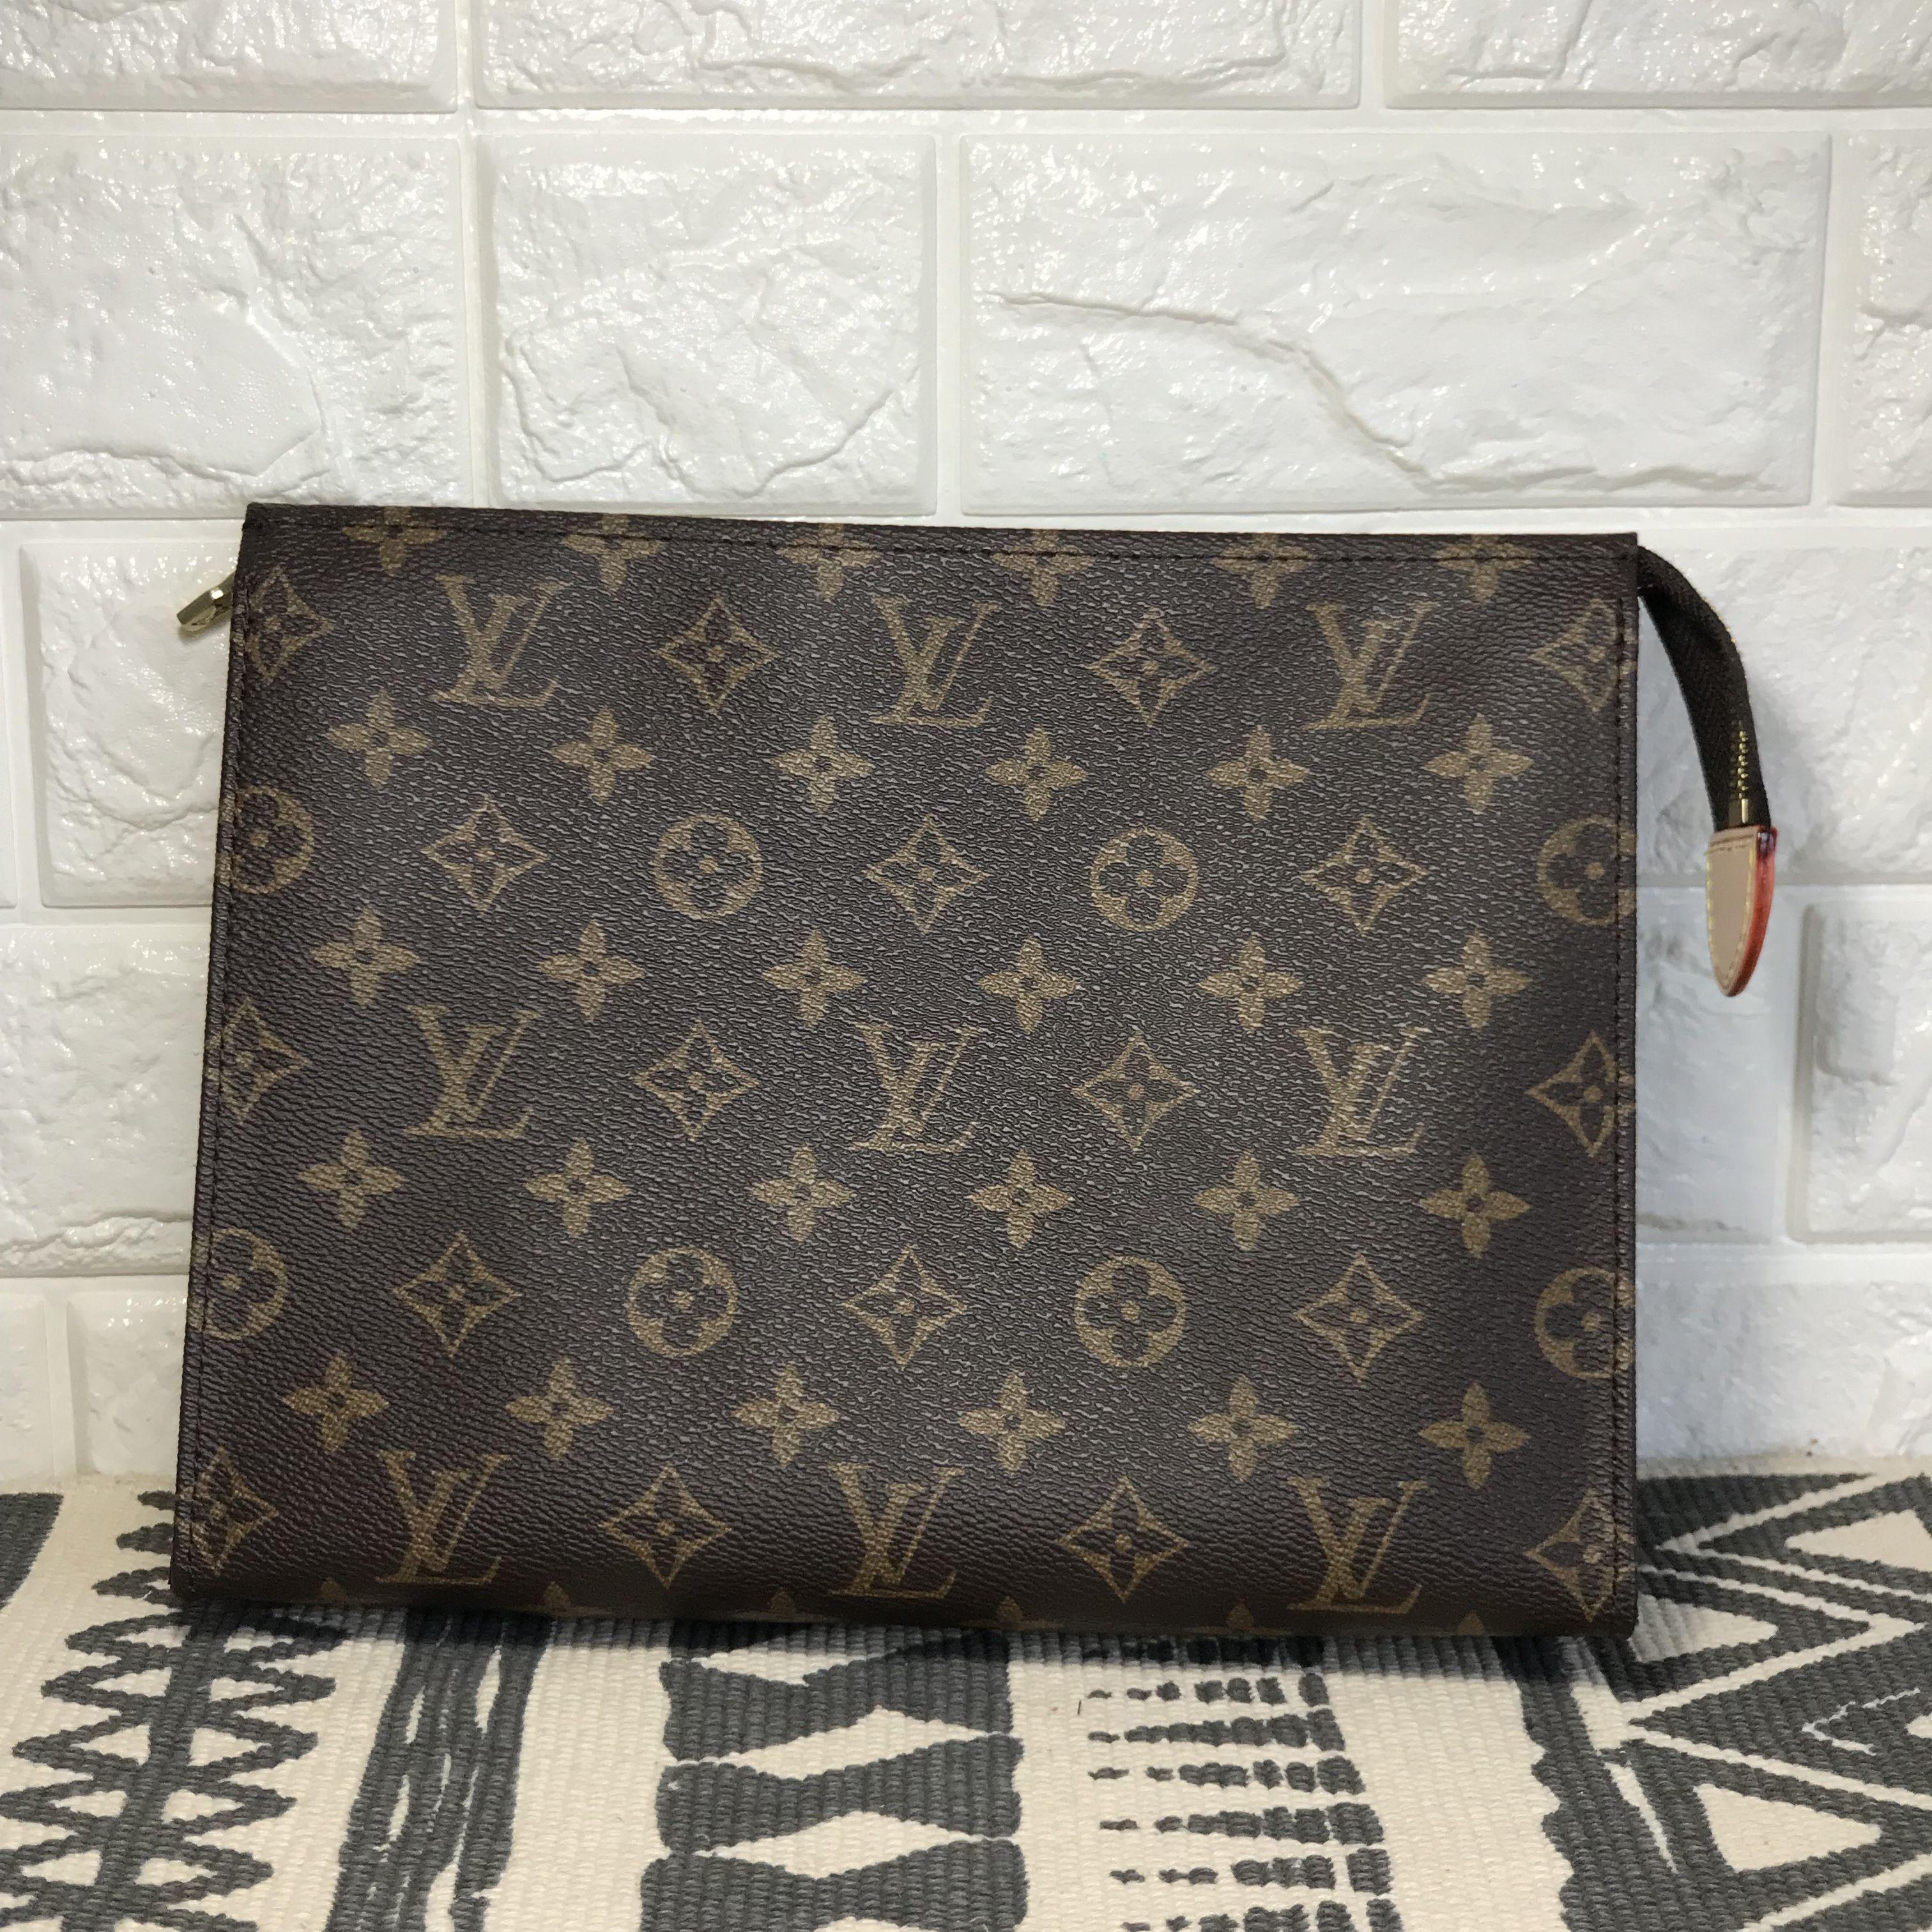 bc5504af337 Louis Vuitton lv unisex woman man monogram clutch purse oxidized ...